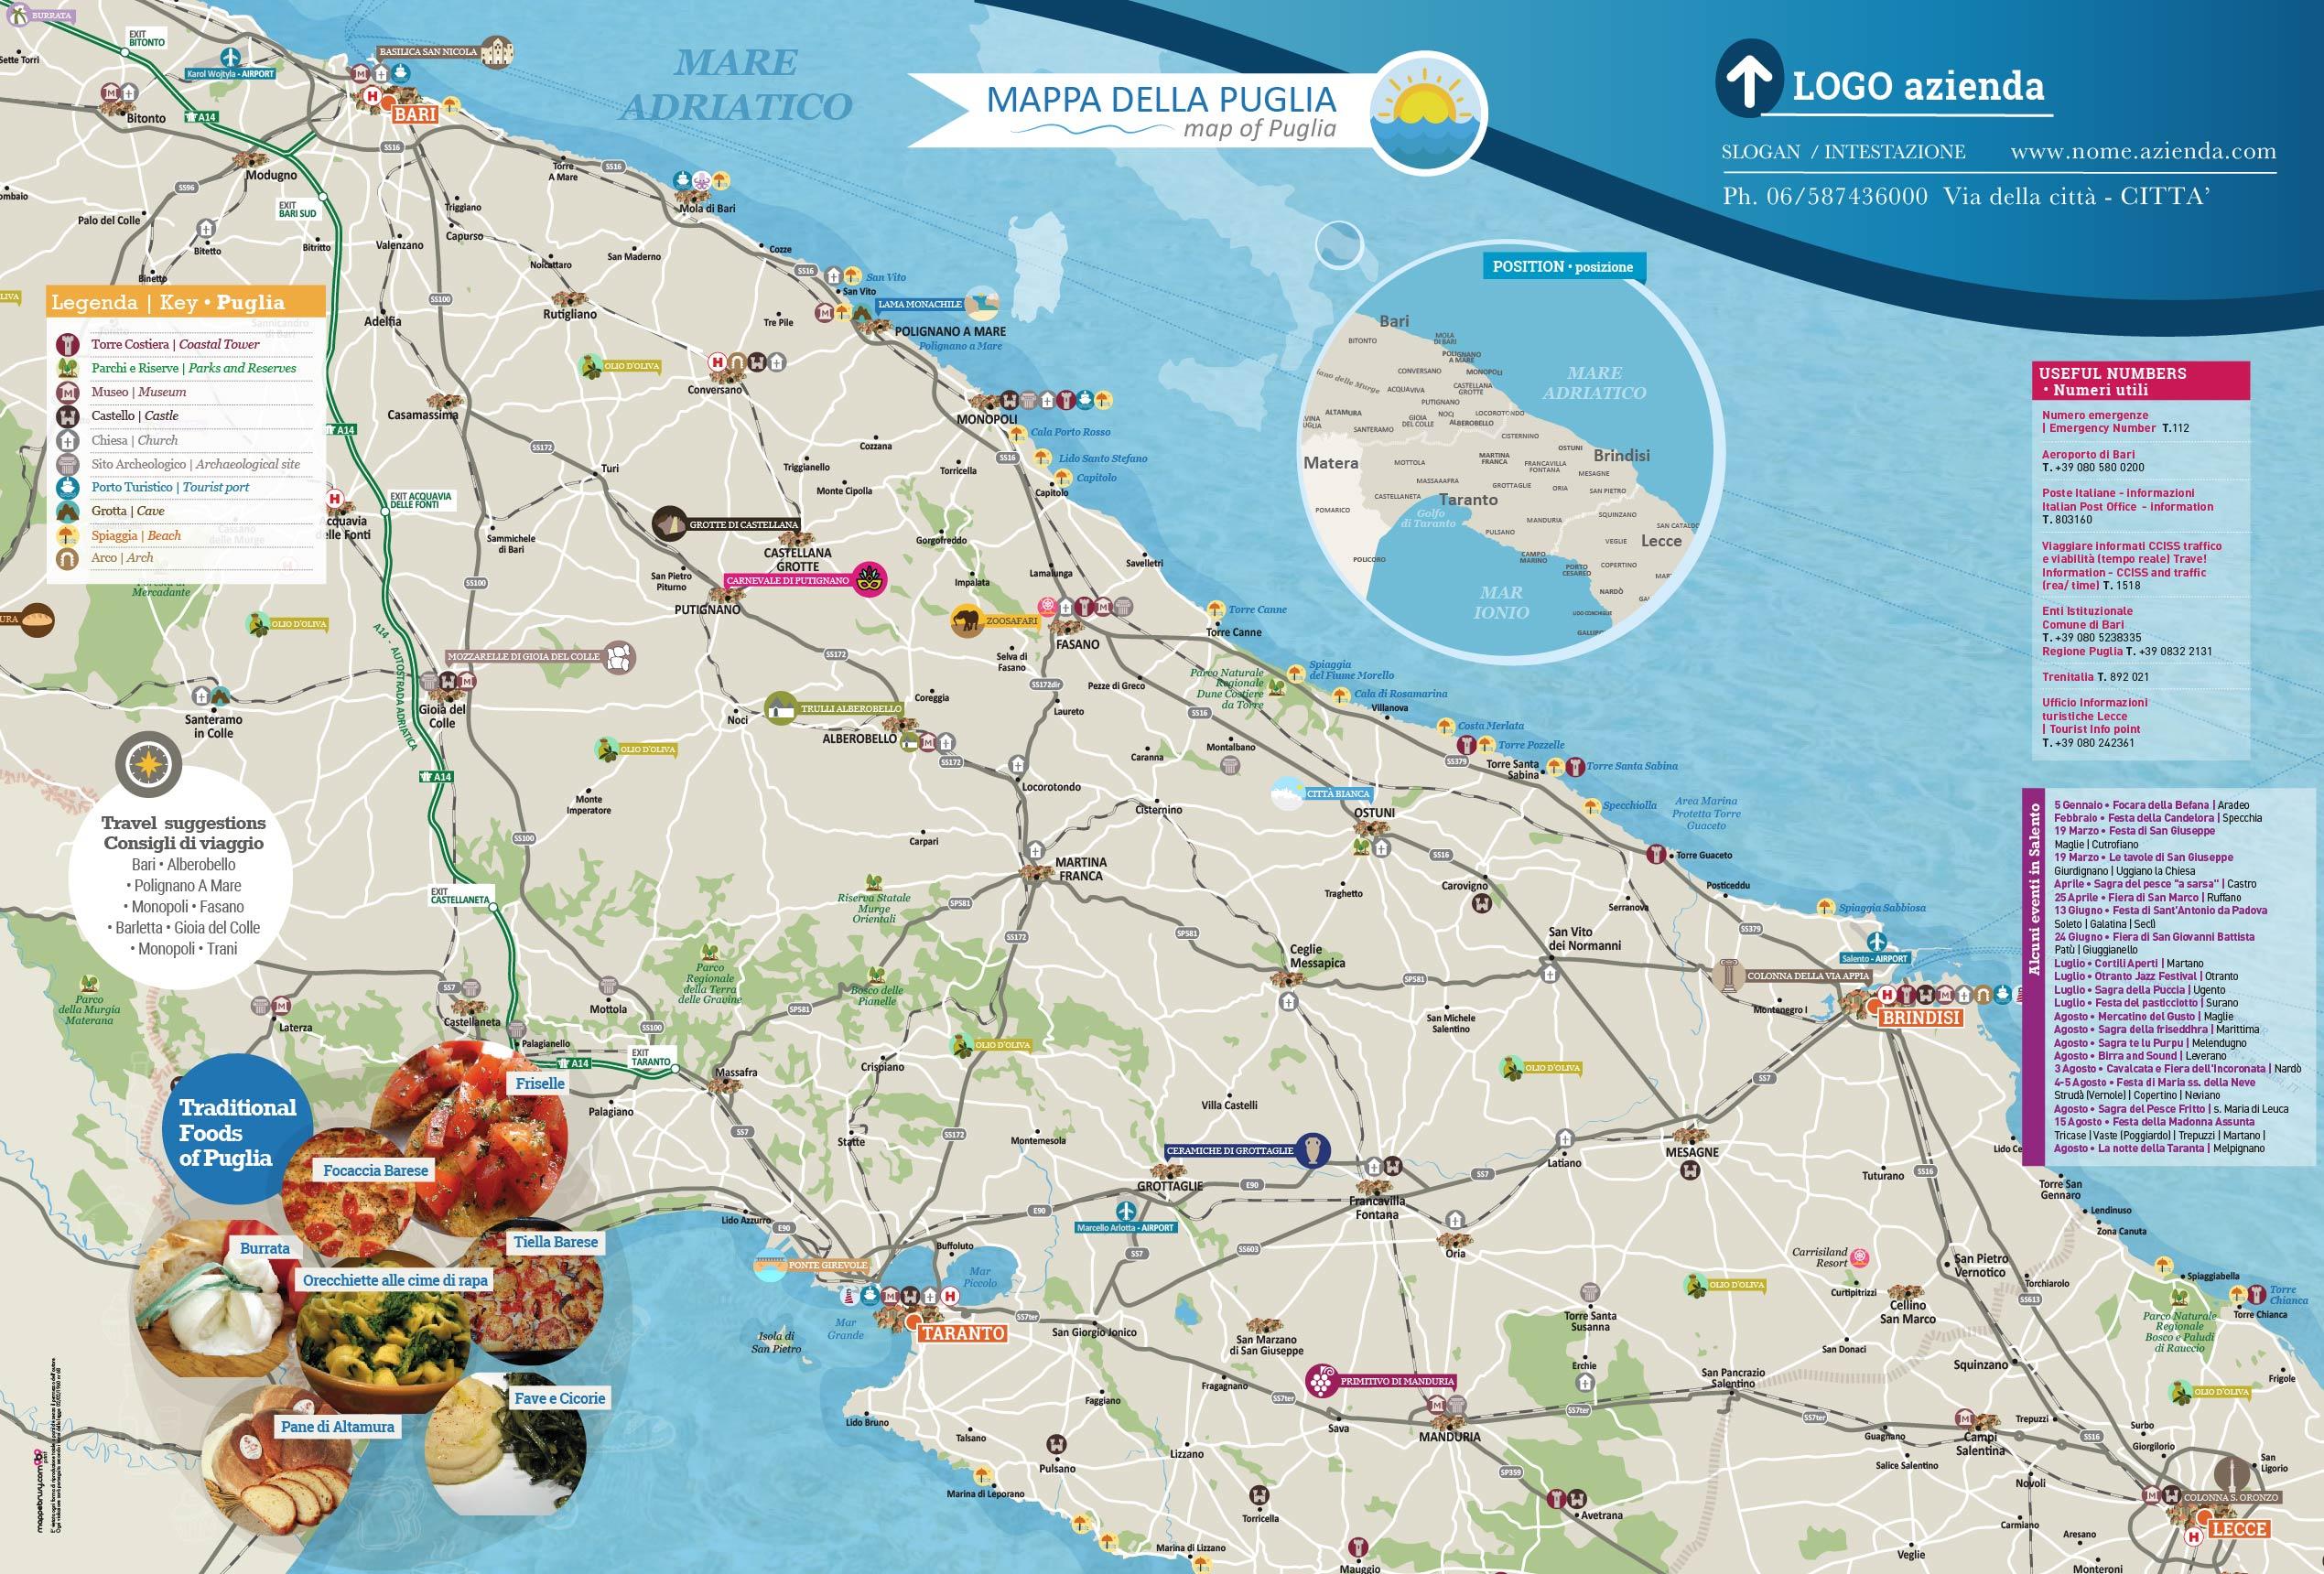 Cartina Della Puglia.Mappa Territorio Puglia Cartina Territorio Puglia Personalizzata